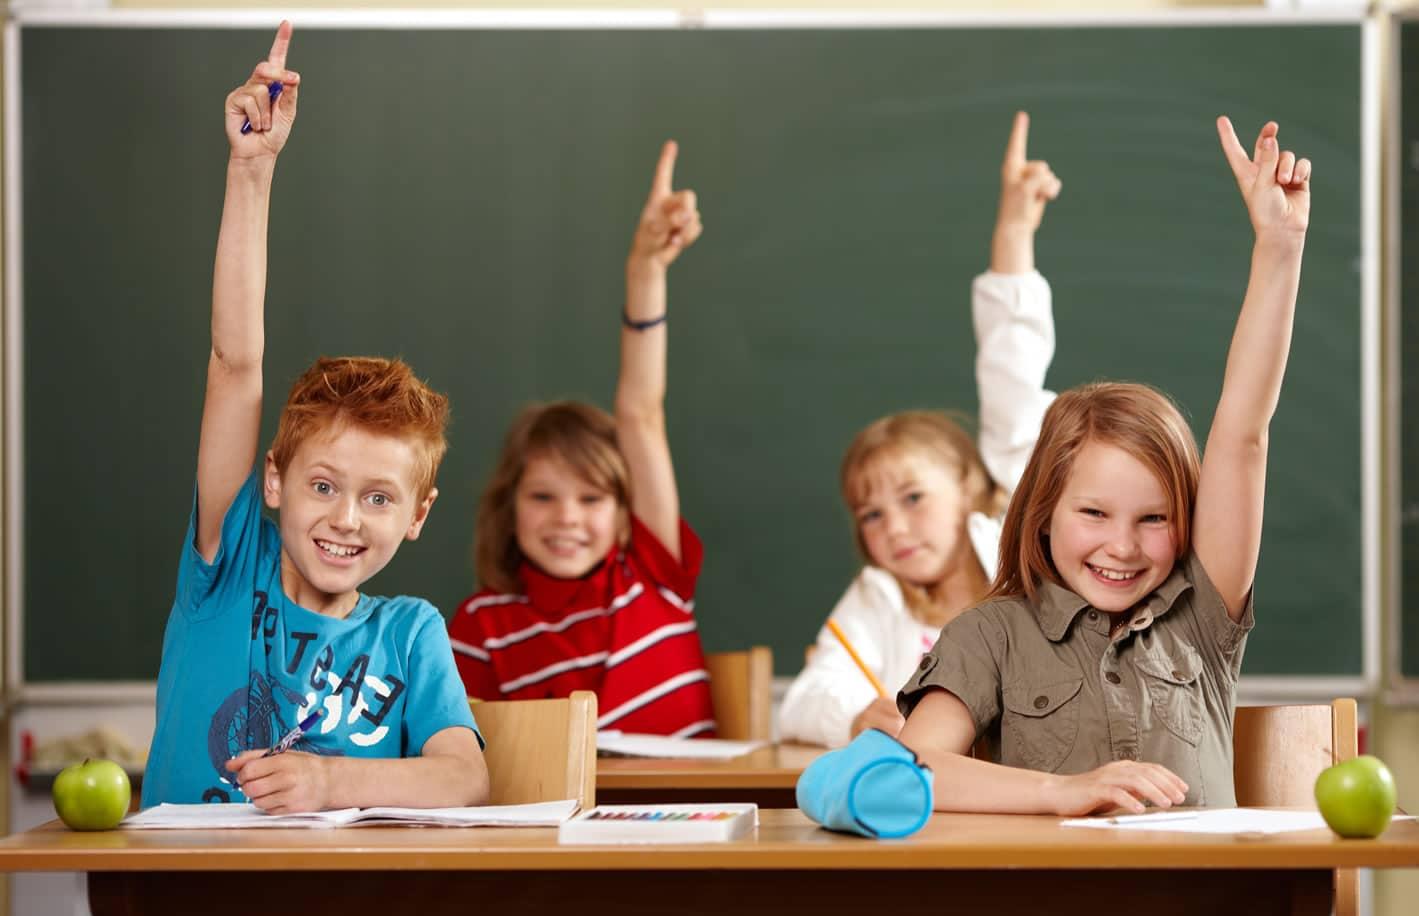 Horarios para trabajar: los estudiantes también tendrían mejores resultados si no entraran a clases tan temprano.